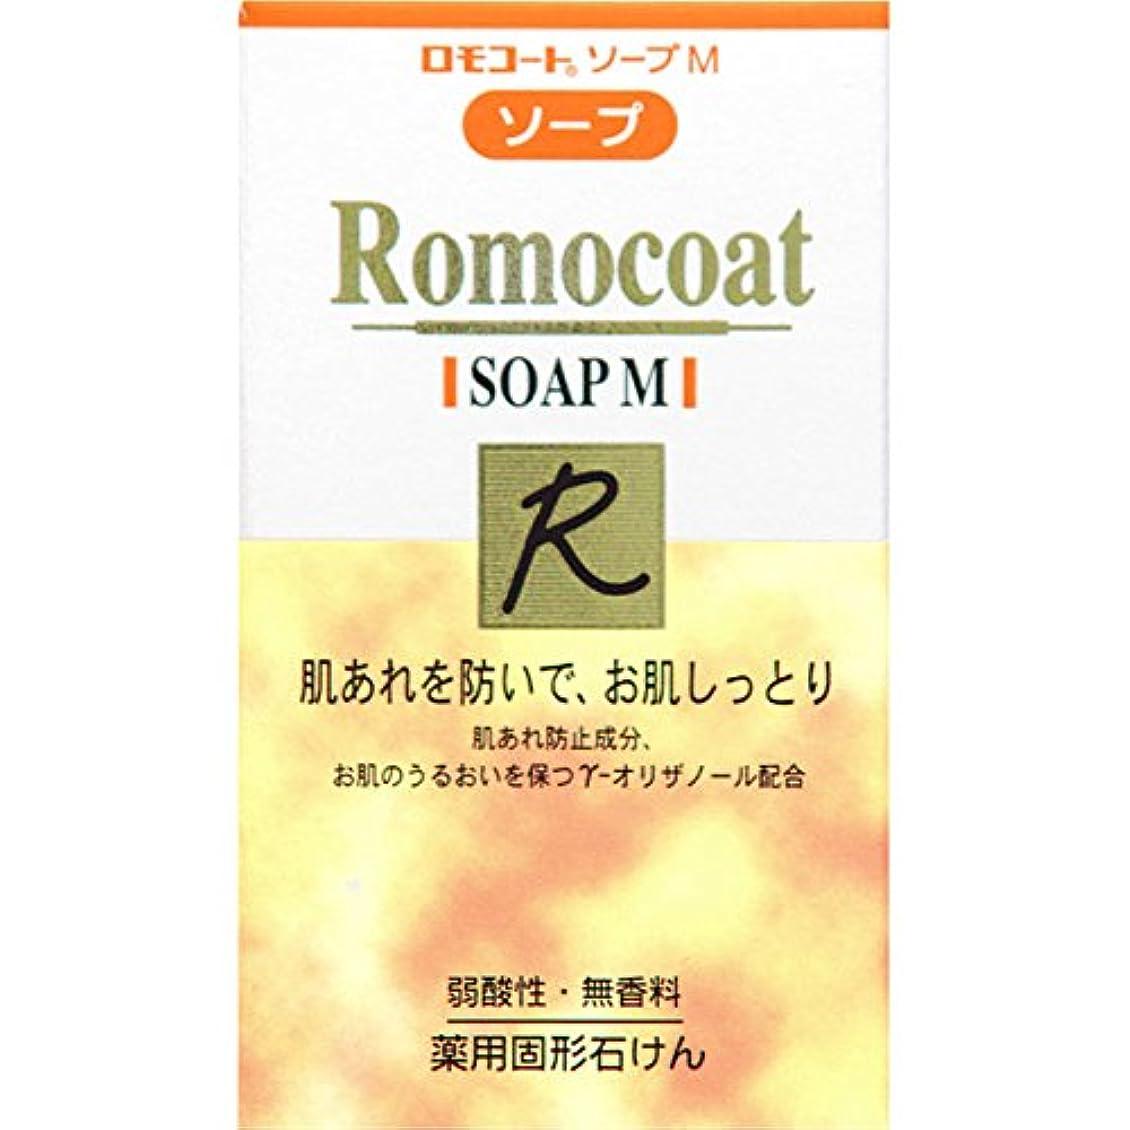 首尾一貫した模索賢い全薬工業 ロモコート ソープM 60g (医薬部外品)